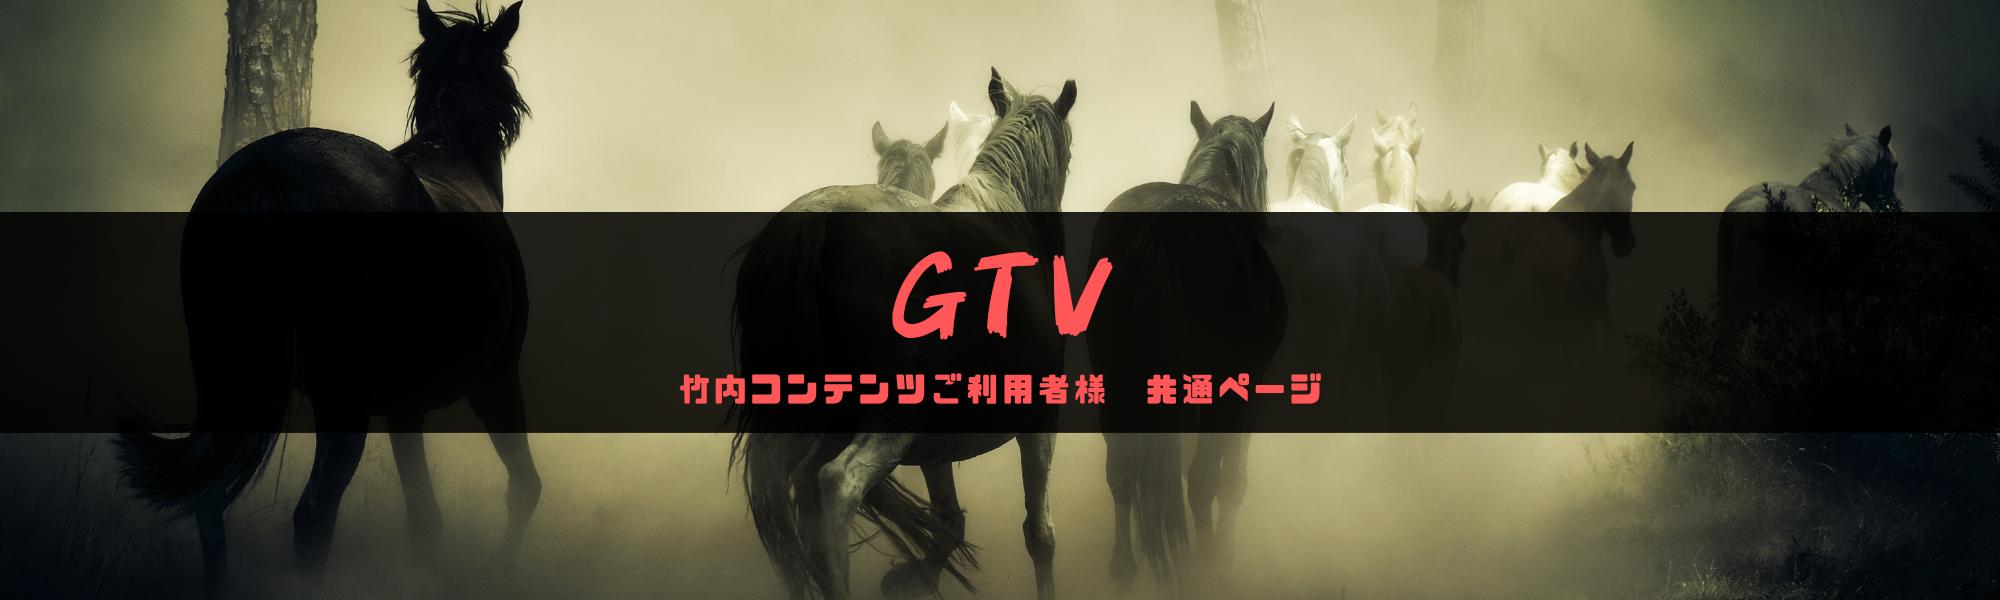 GTV掲載ページ